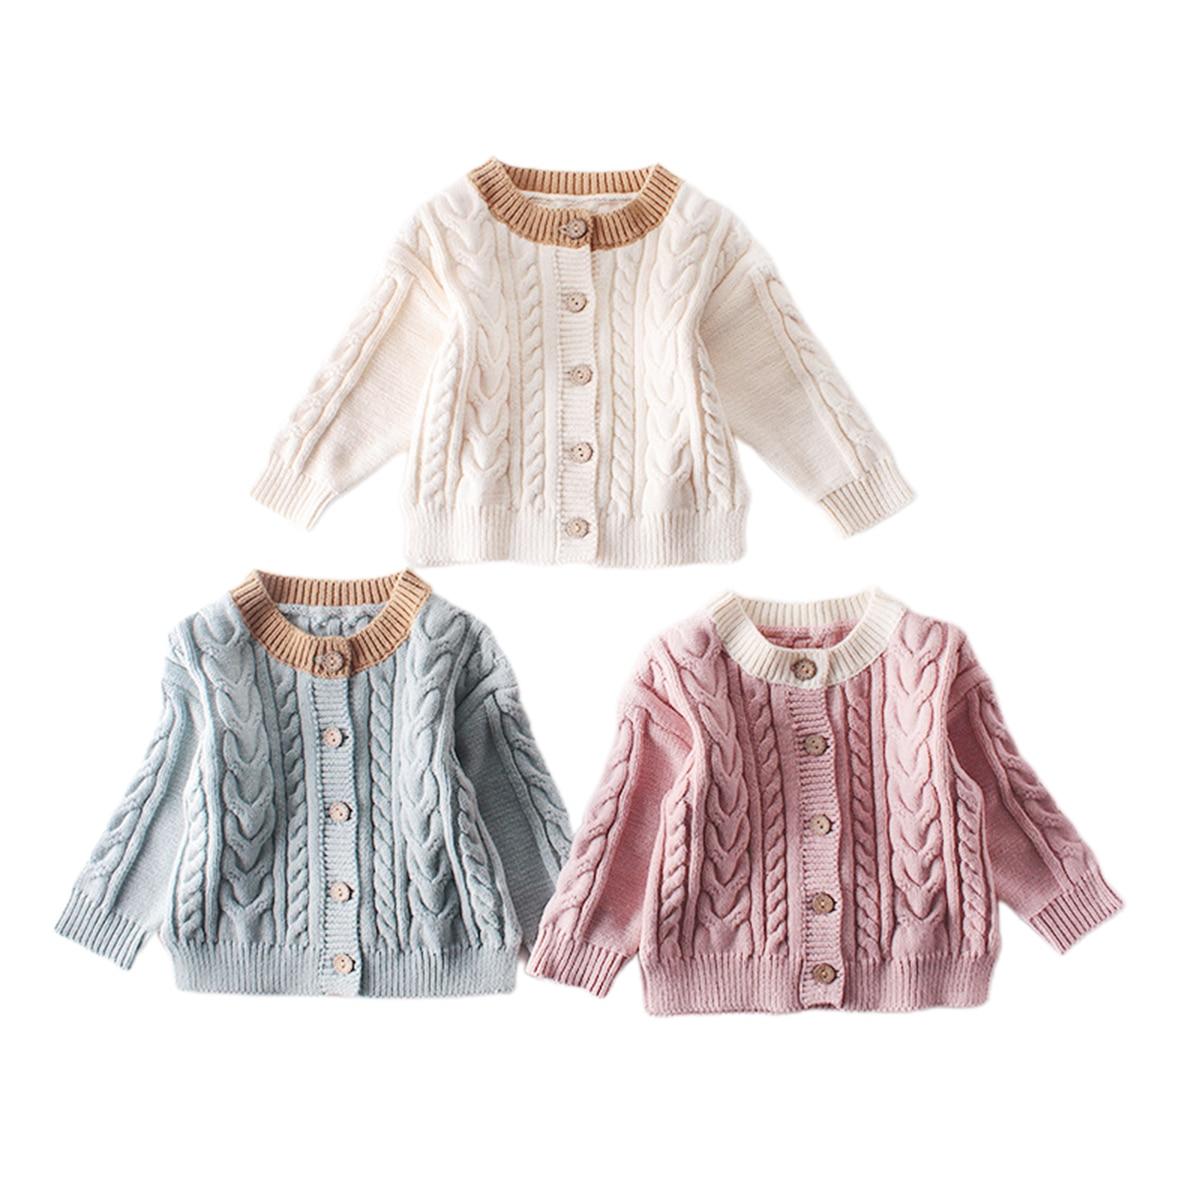 Citgeett/осенне-зимняя трикотажная верхняя одежда для маленьких мальчиков и девочек; Милый однотонный однобортный кардиган с длинными рукавами; Повседневный Топ-0